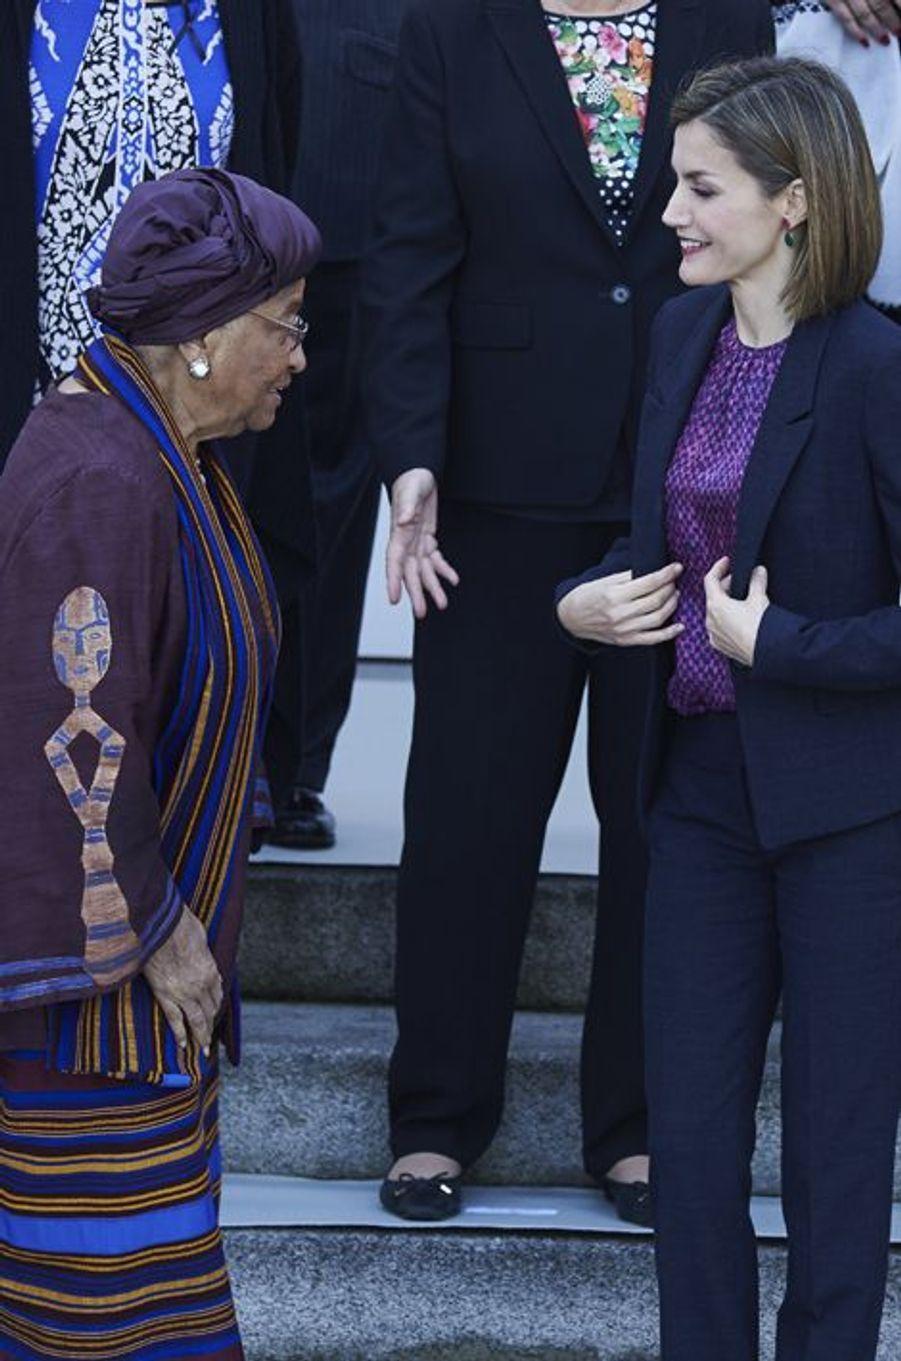 La reine Letizia d'Espagne et la présidente du Libéria Ellen Johnson-Sirleaf à Madrid, le 16 novembre 2015